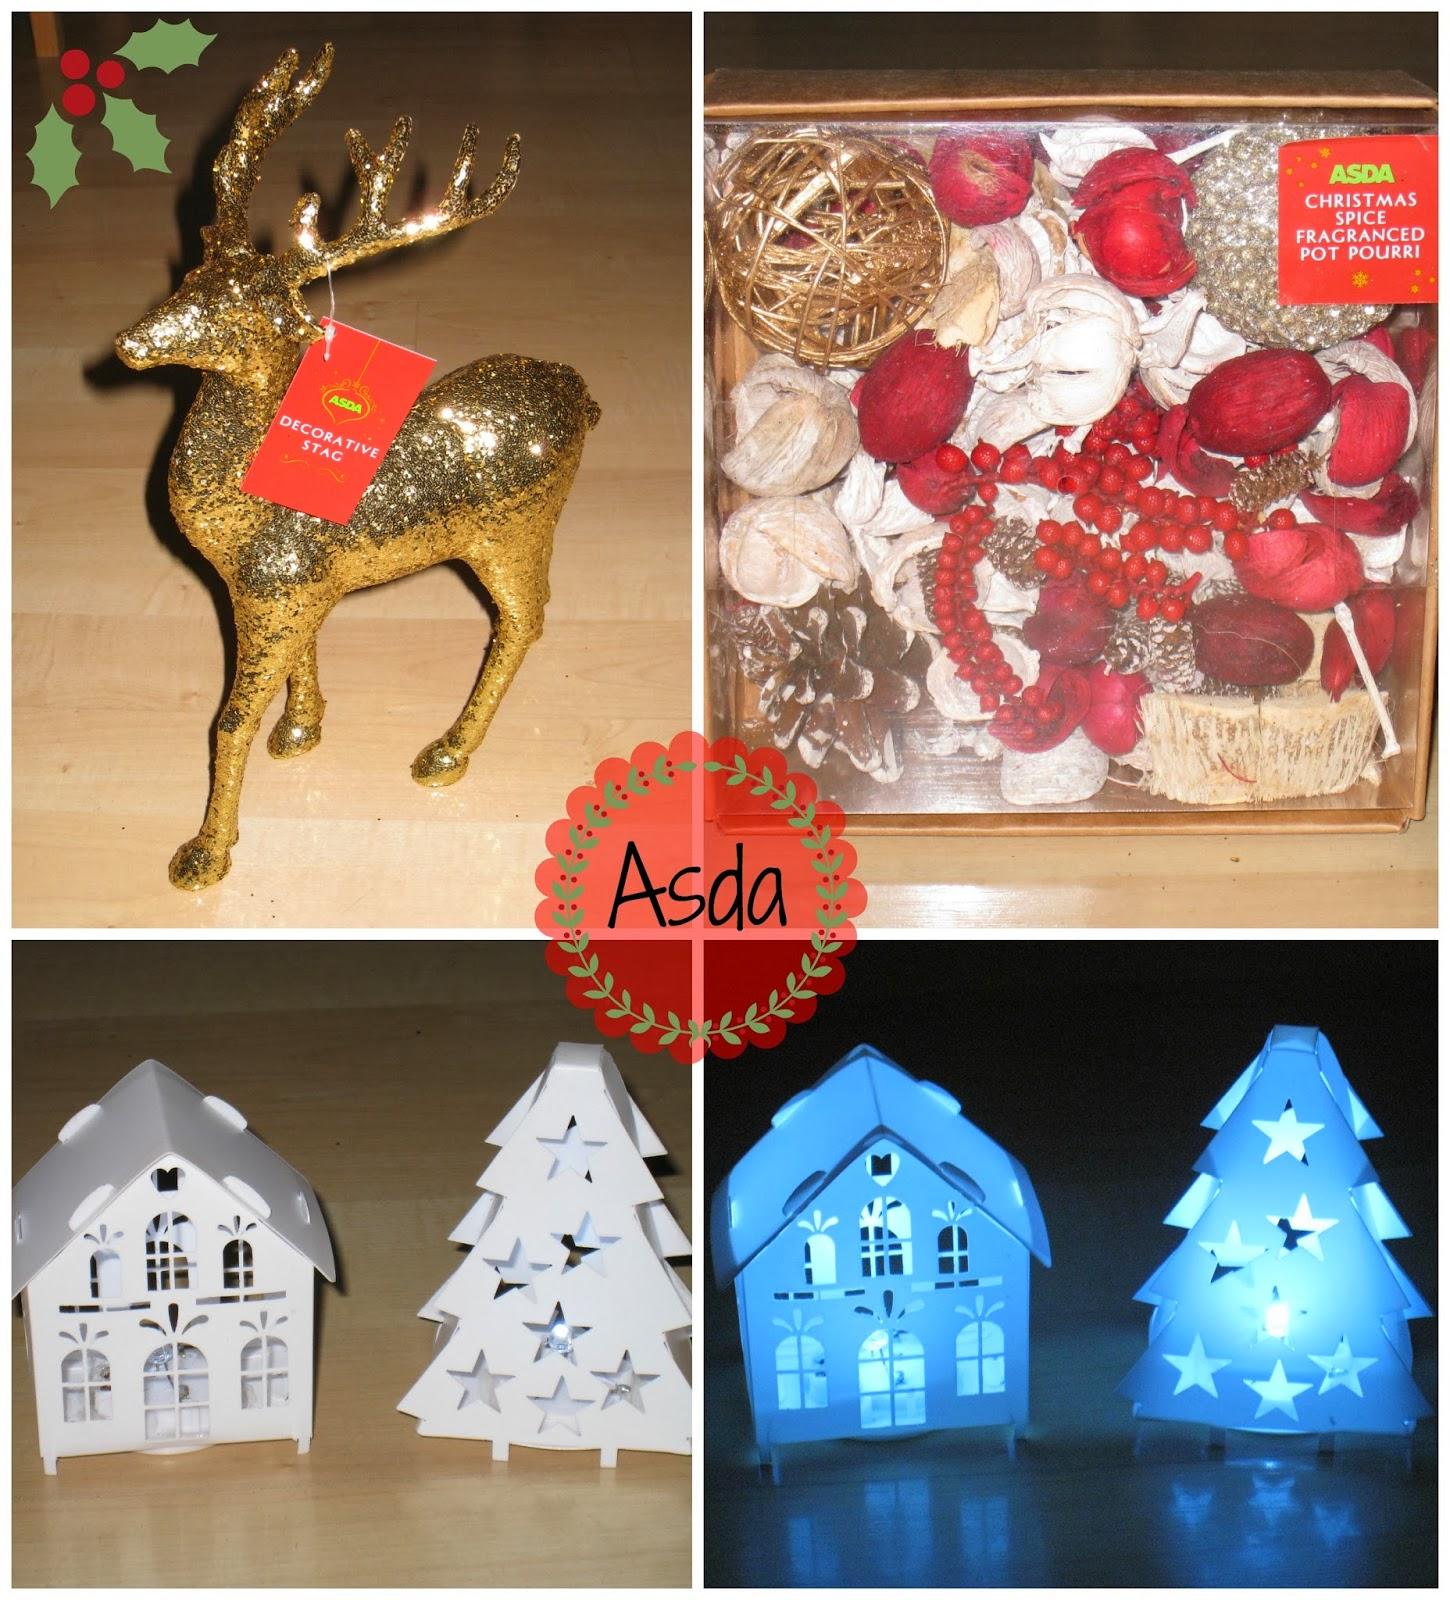 Asda Online Christmas Decorations: Handbags To Change Bags: Christmas Home Decor